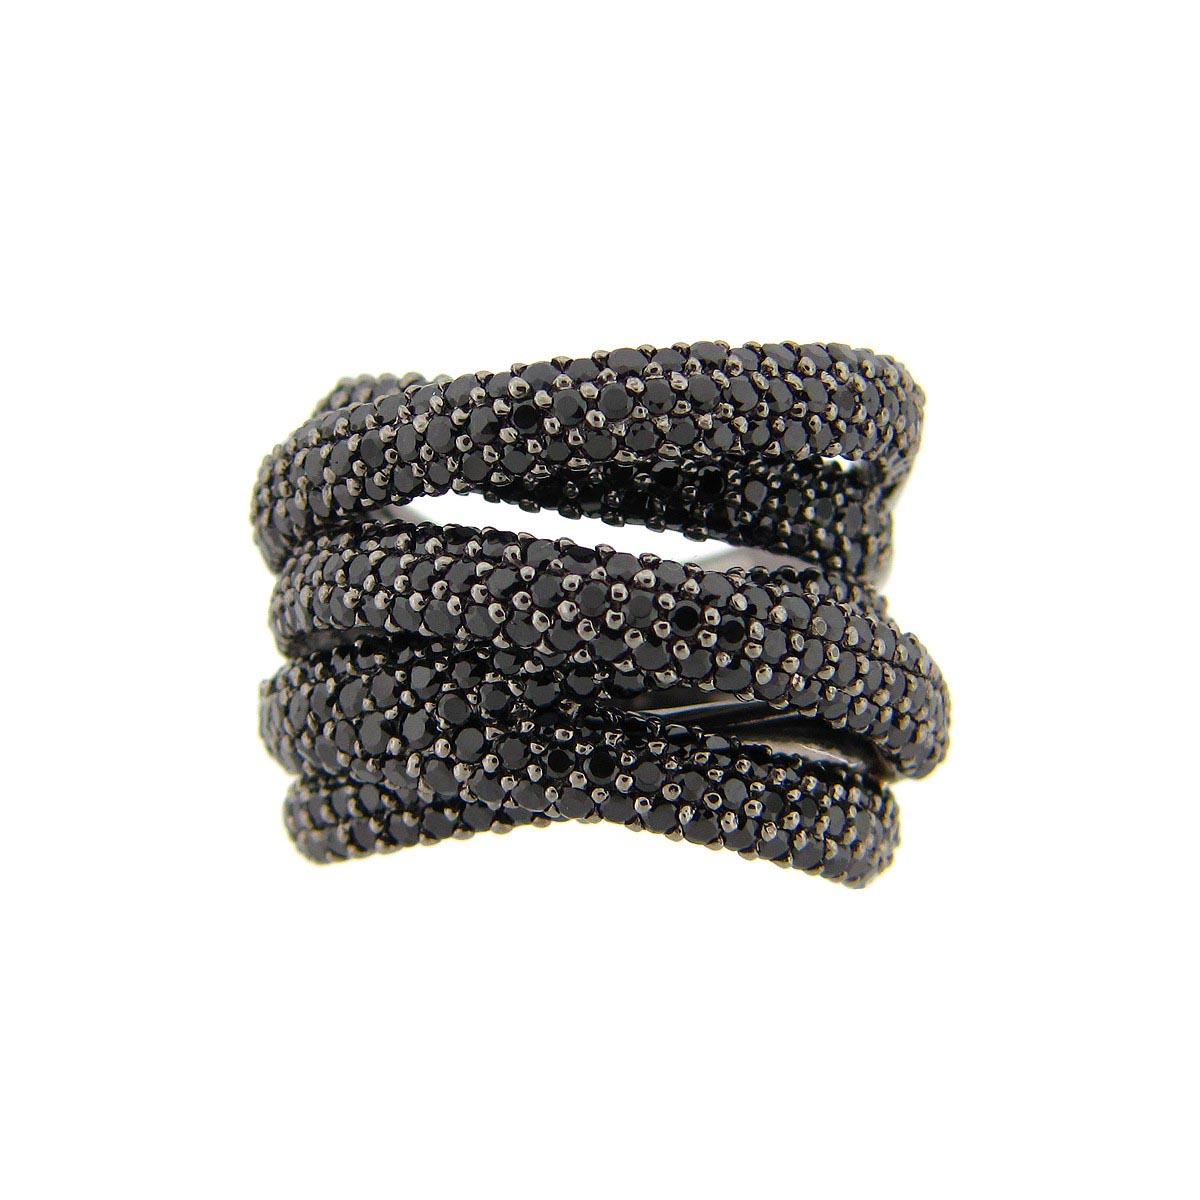 Black Spinel Ring